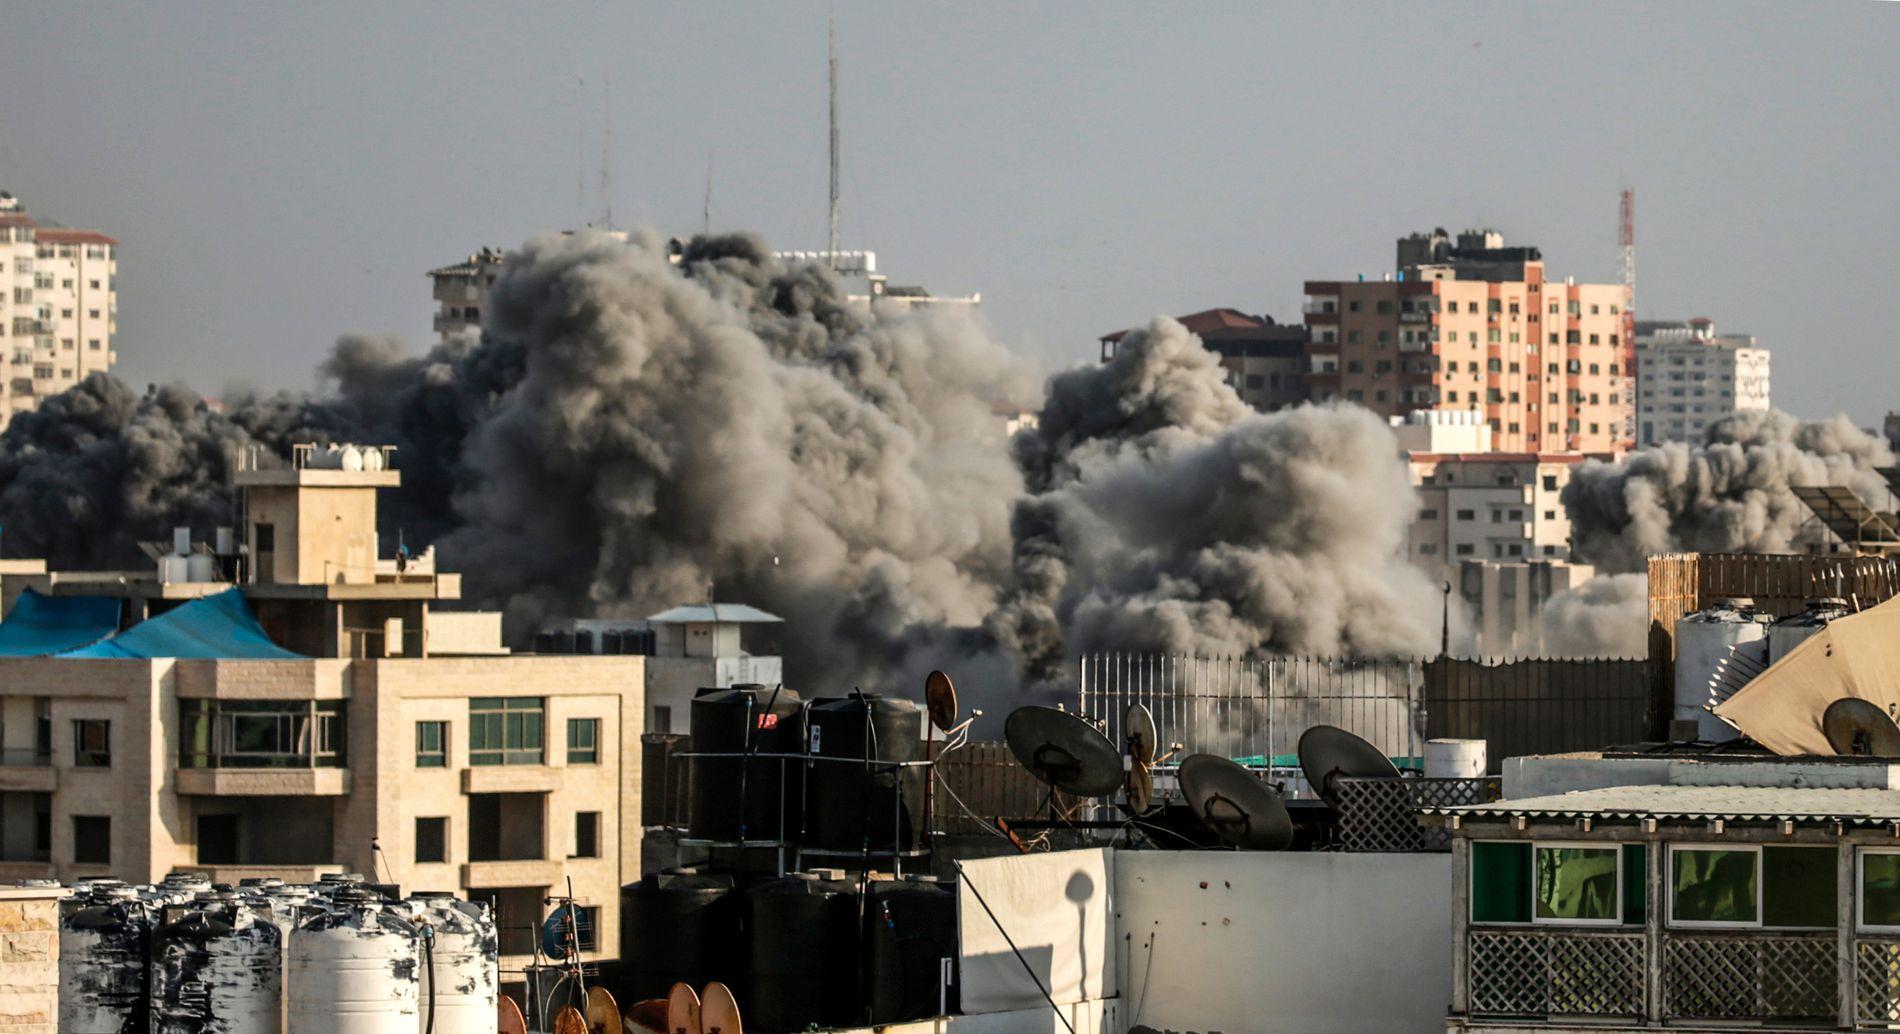 STØRSTE LUFTANGREP: To ungdommer er drep i det største luftangrepet på Gaza siden 2014.